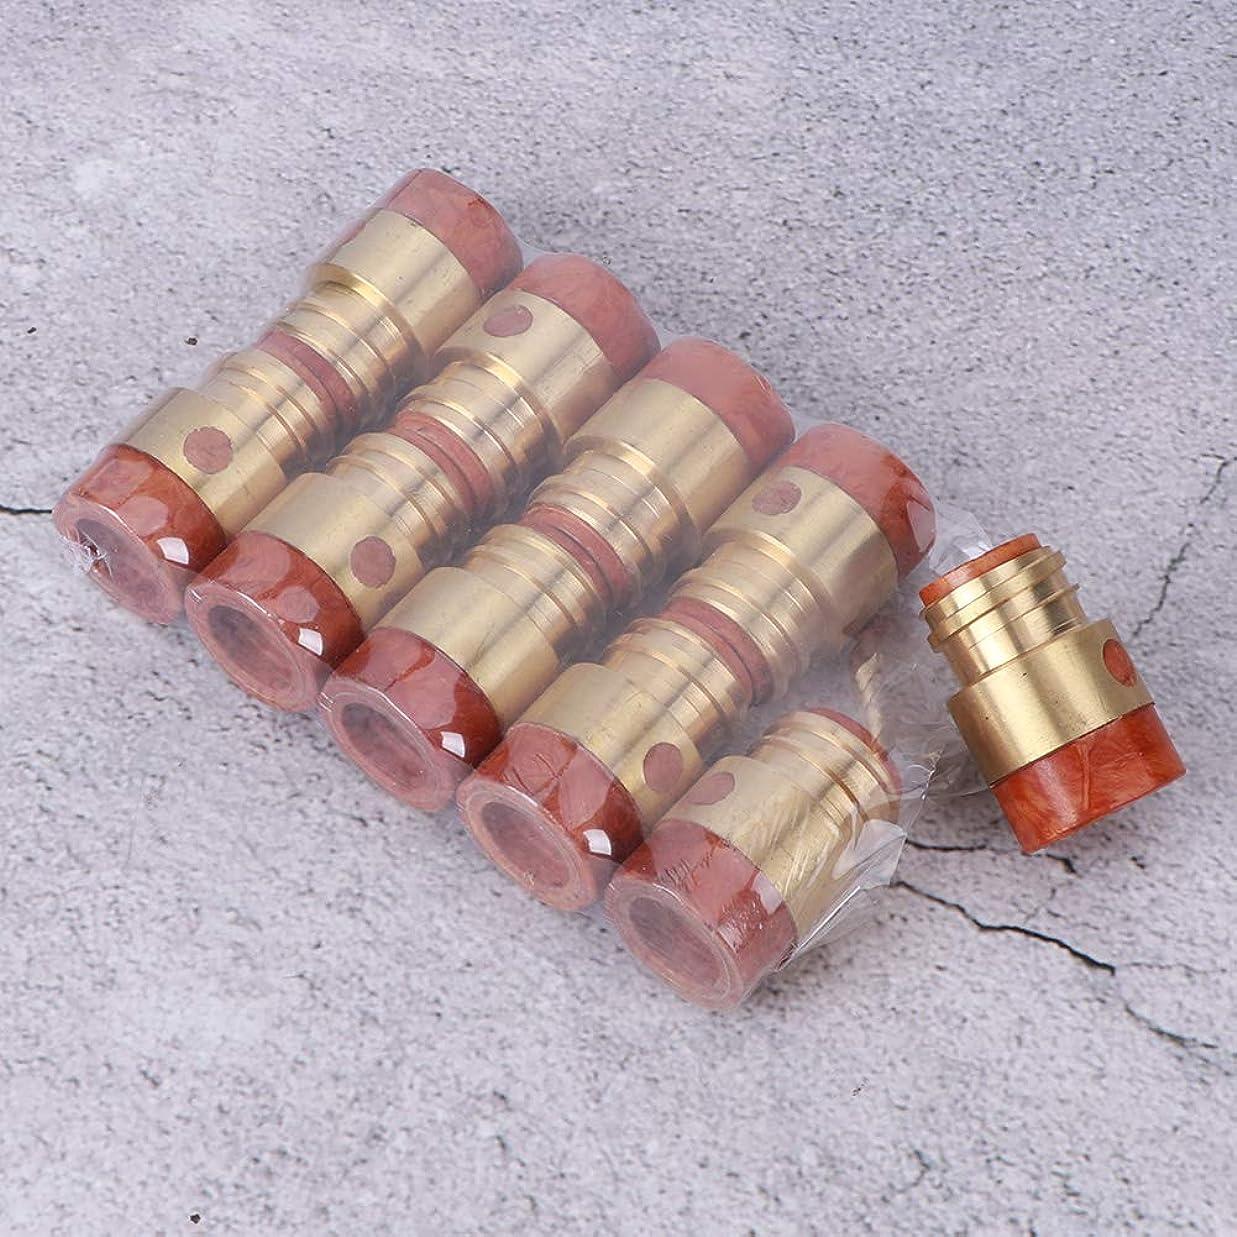 接地十ボトル10pcs 500A溶接ガンチップホルダー、コネクタープラグ溶接ガンアクセサリーガスチップホルダー、ガスシールド溶接トーチ用業界